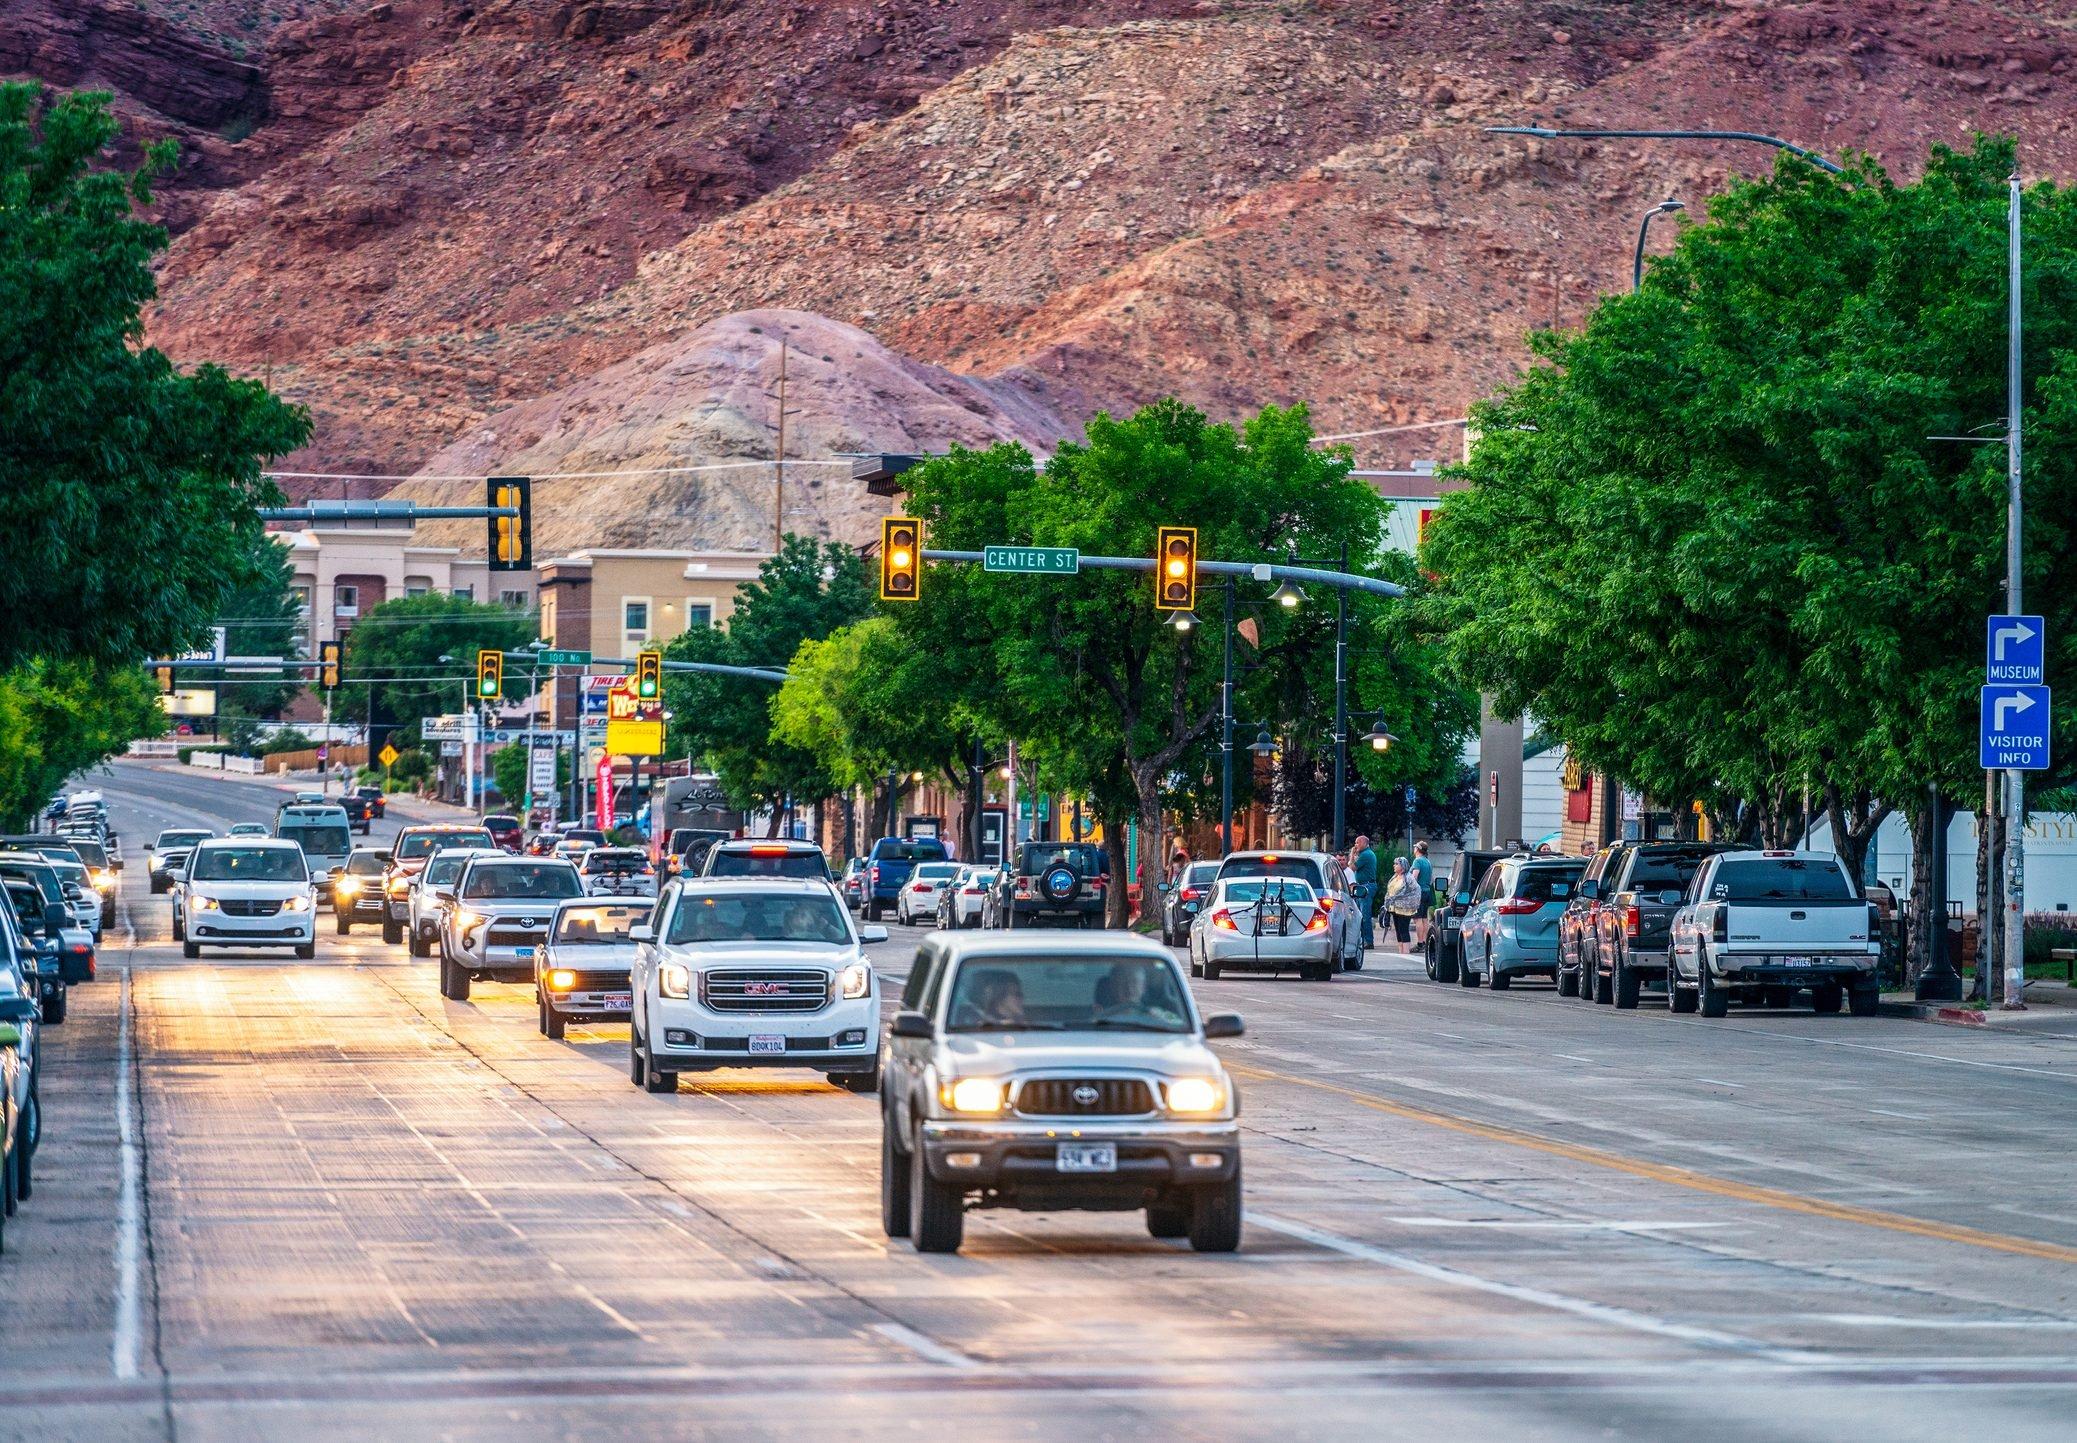 Moab traffic